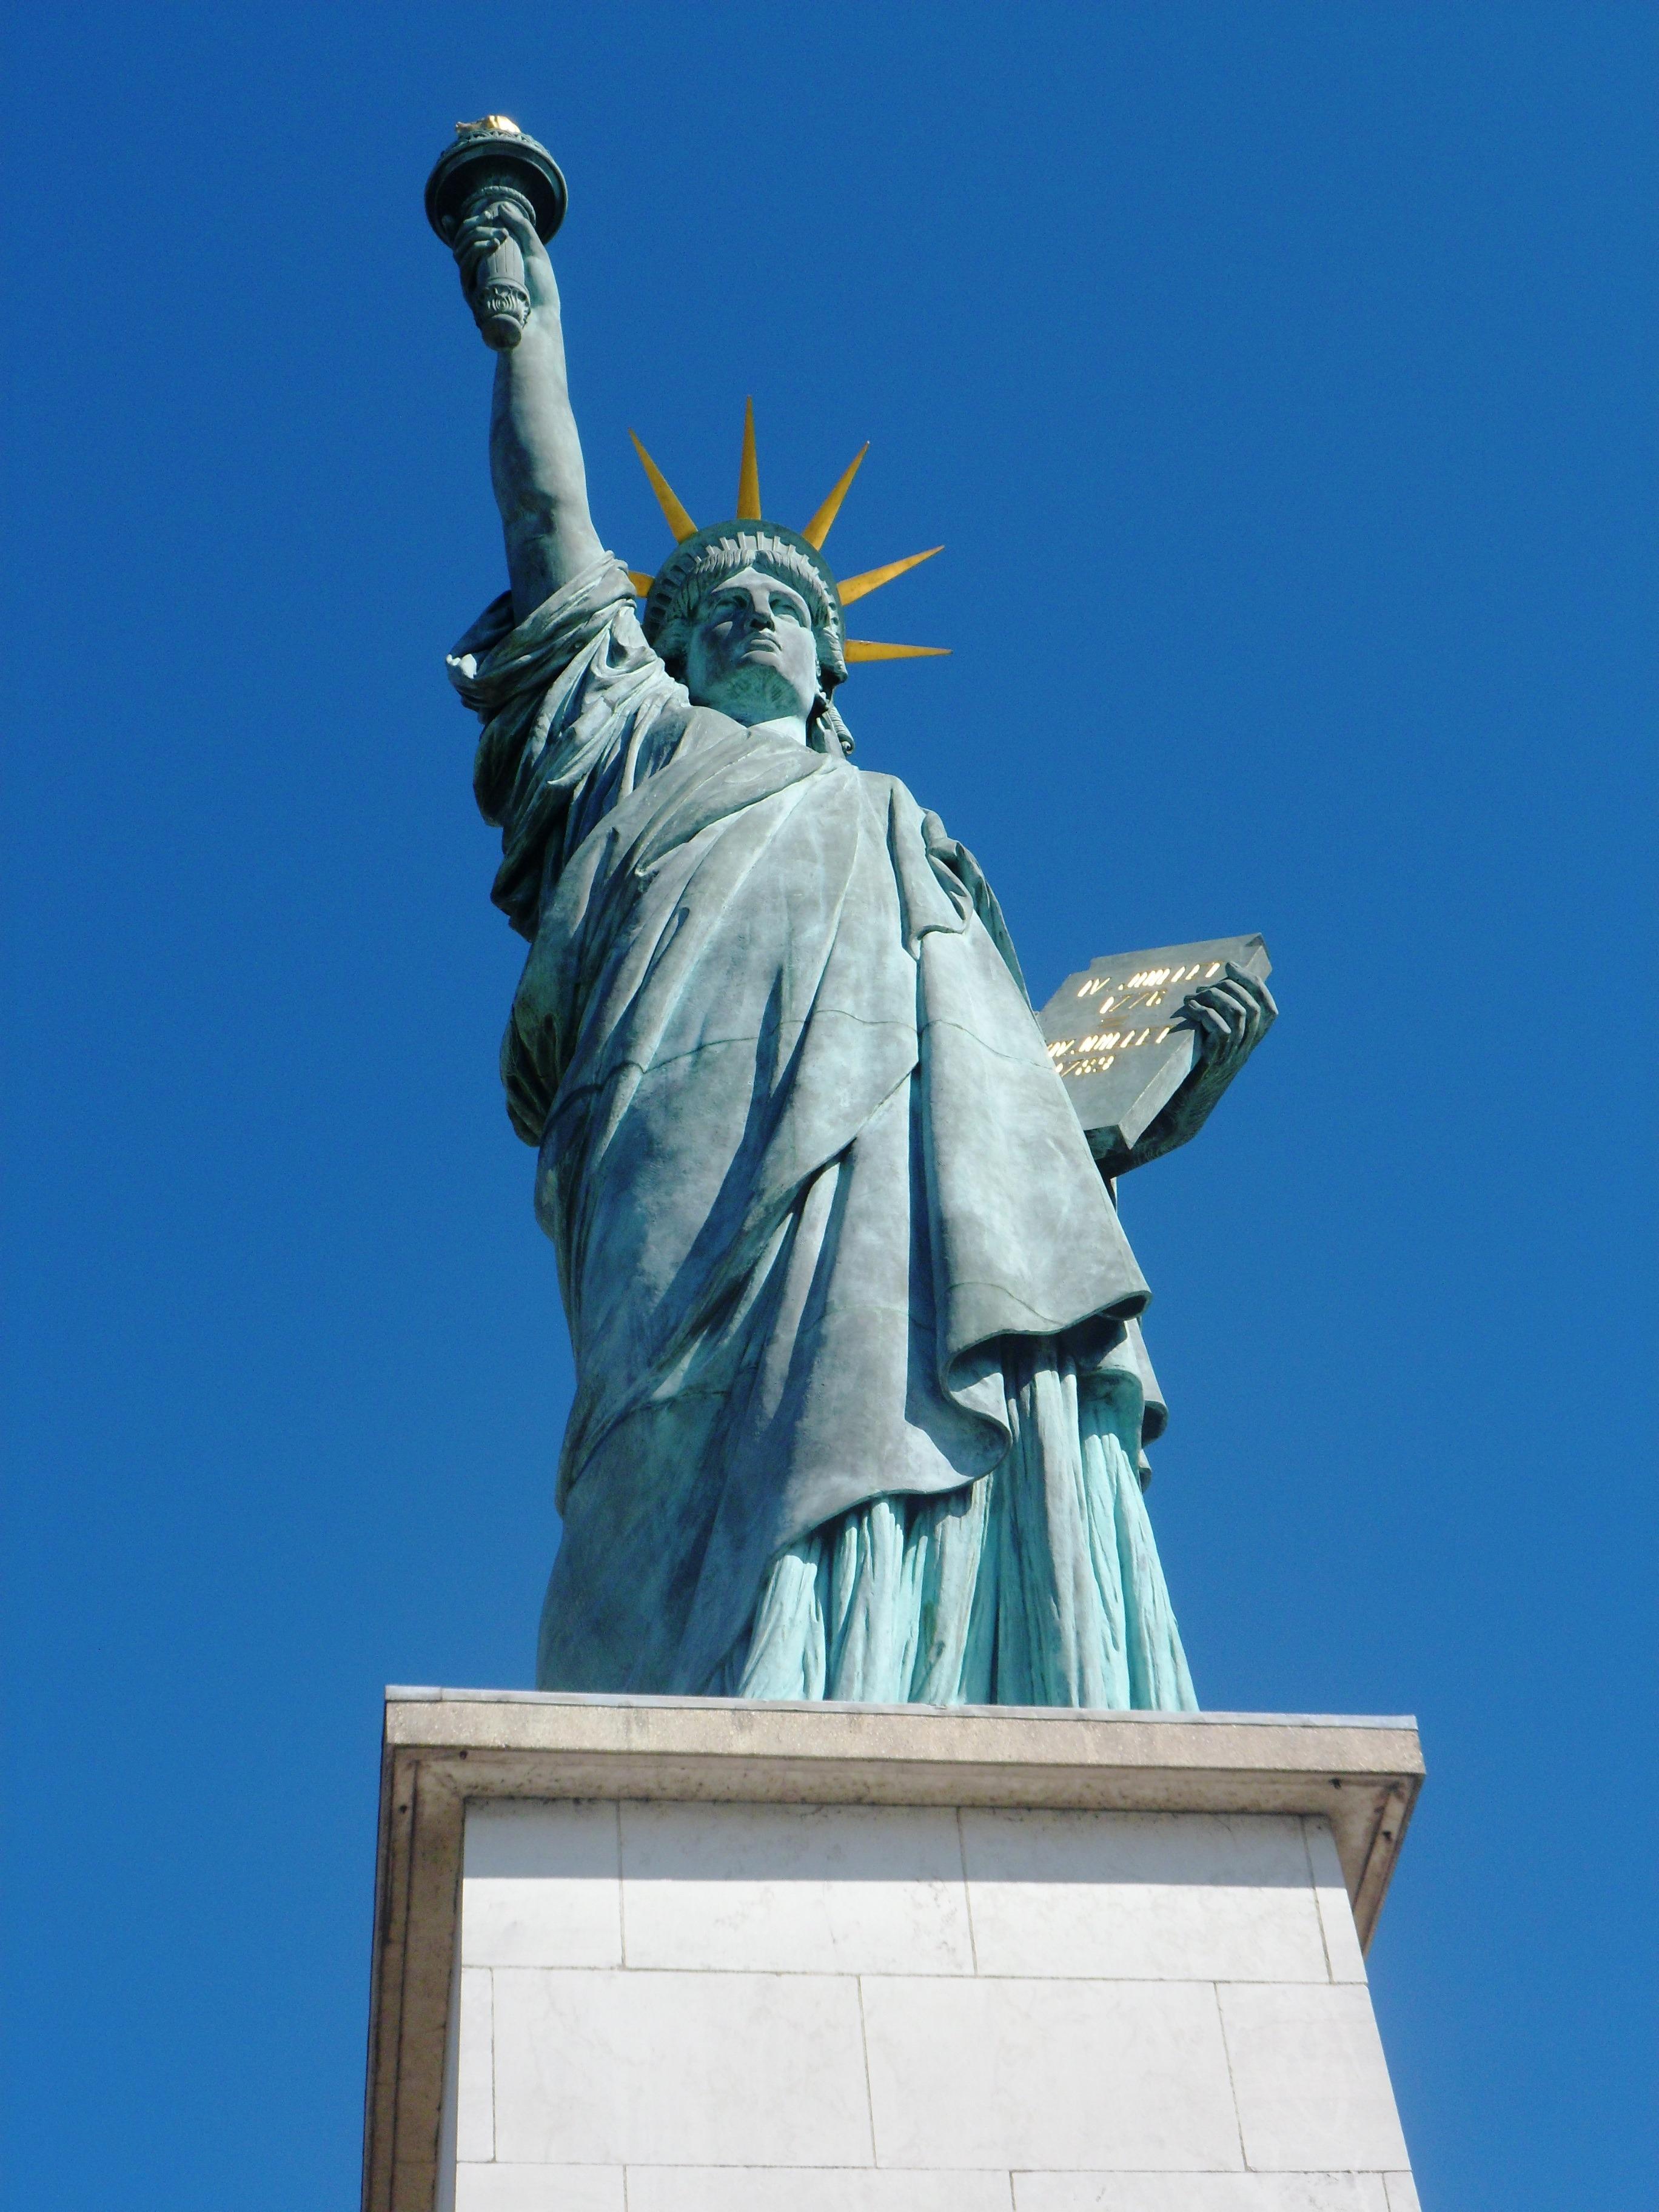 Free Images : architecture, sky, paris, monument, france, statue ...